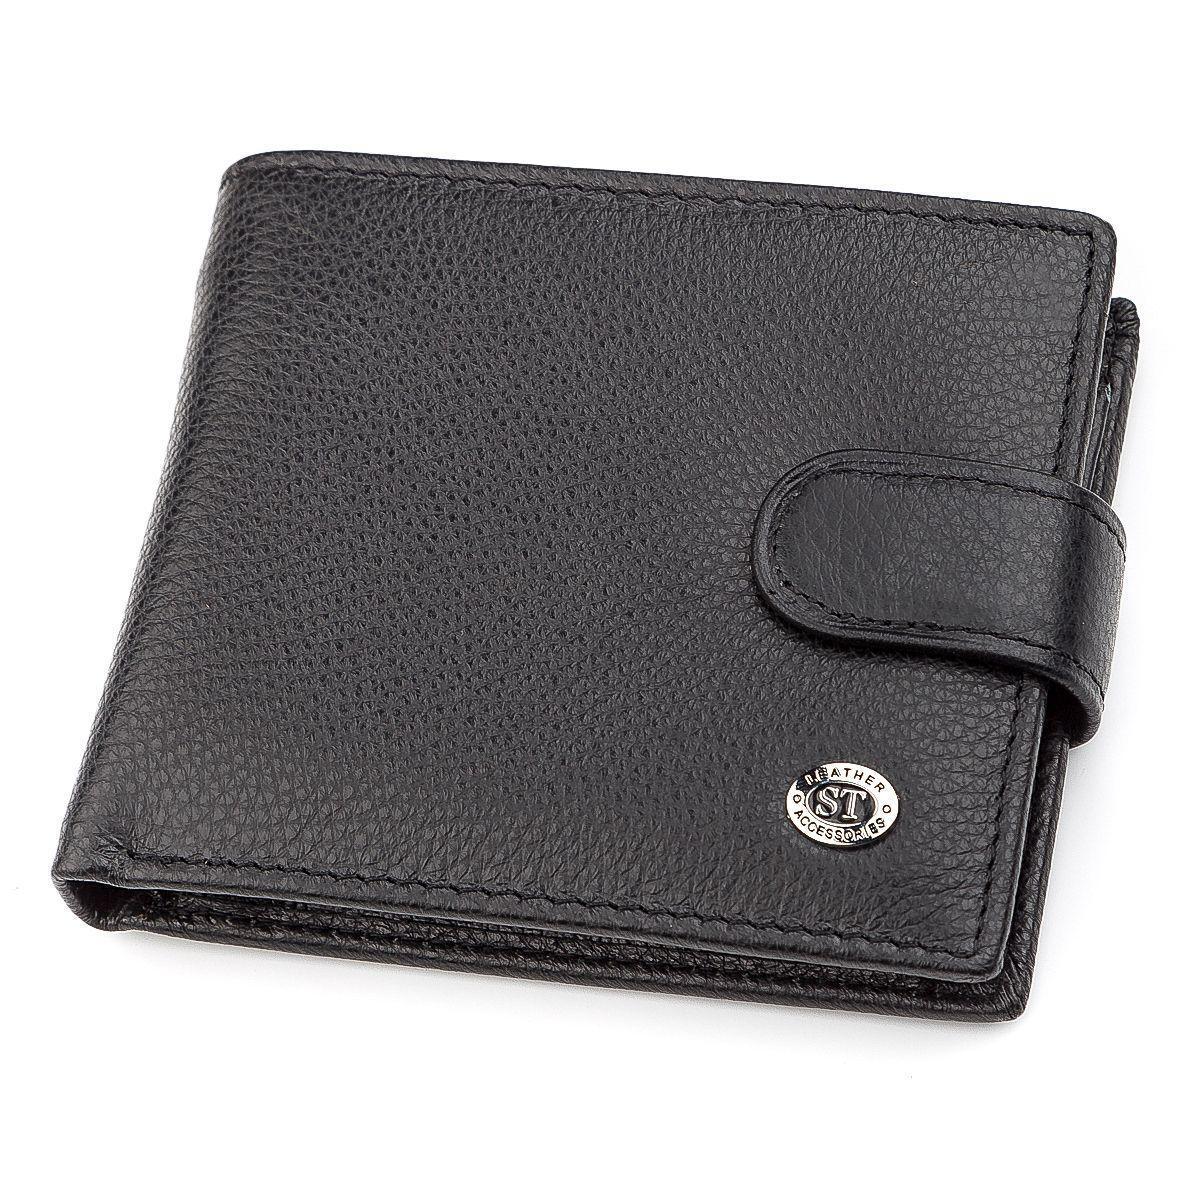 Мужской кошелек ST Leather 18311 (ST103) Черный